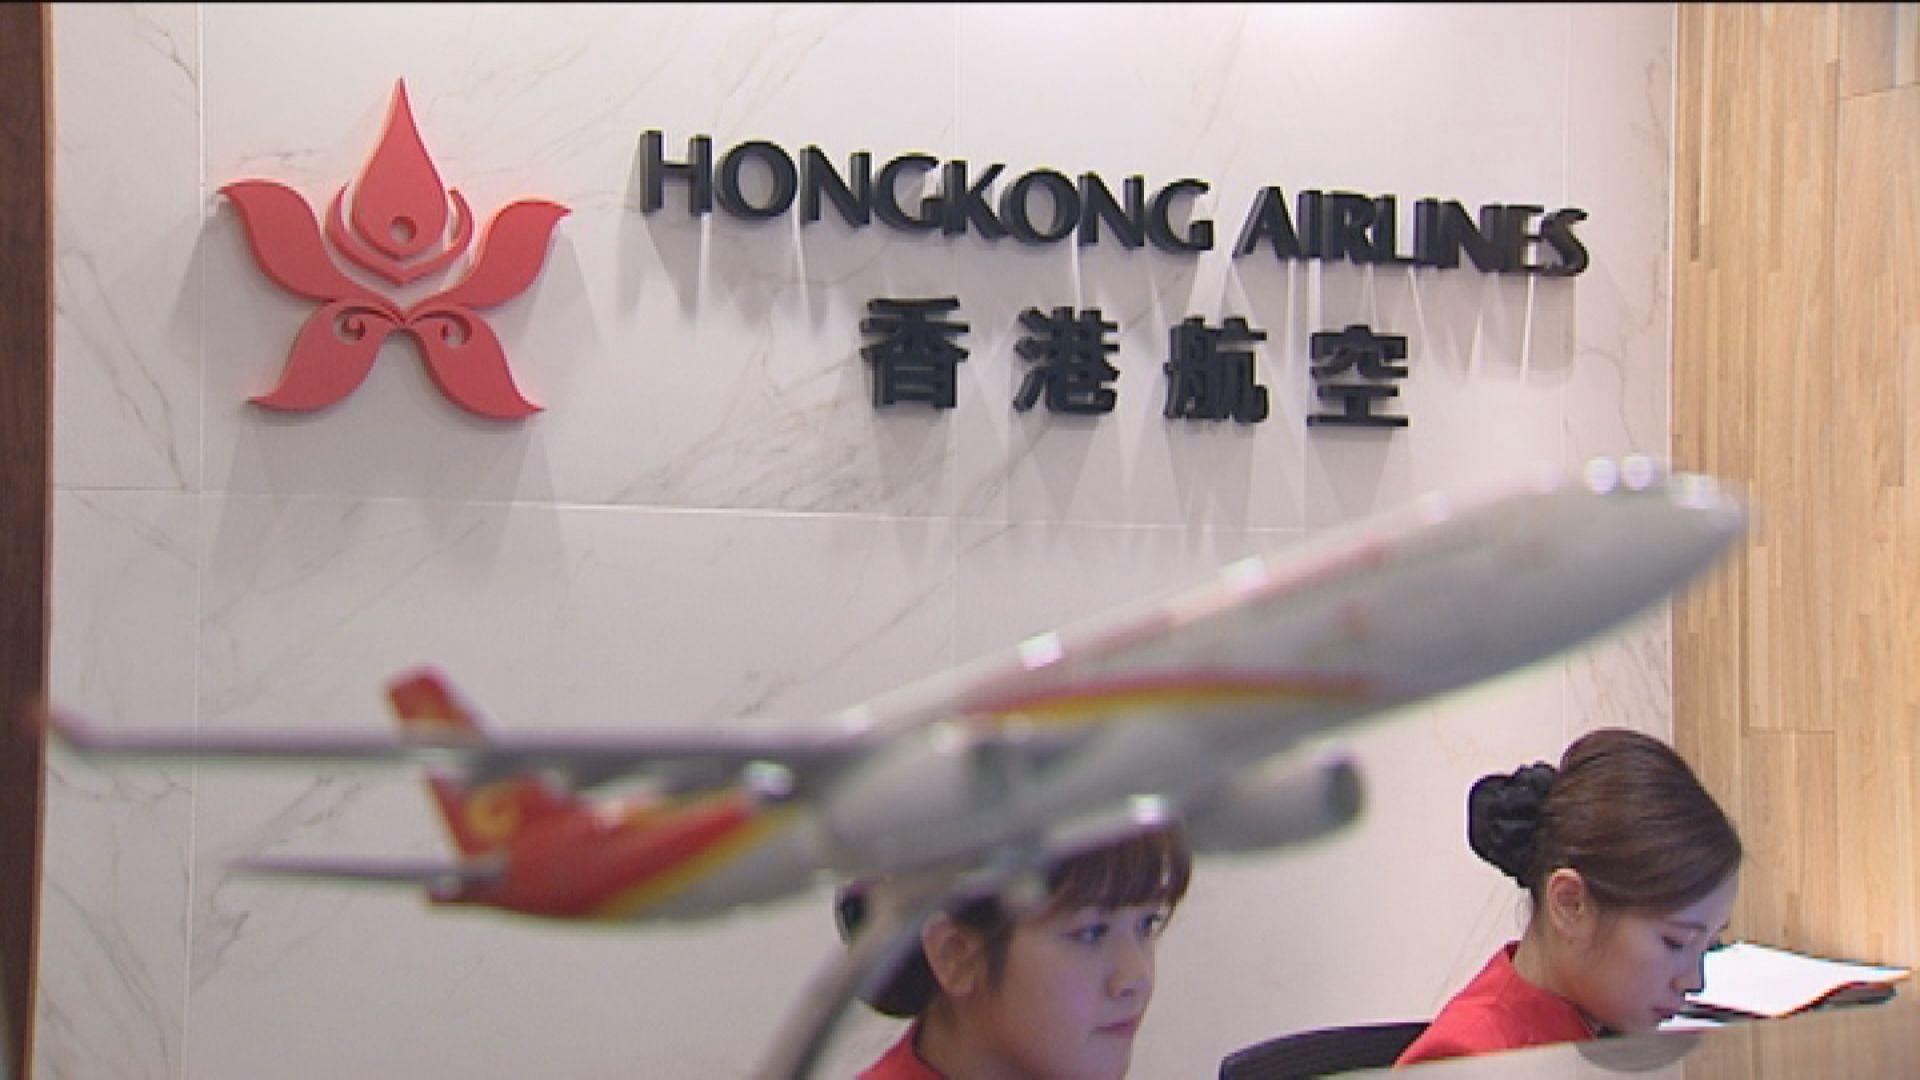 空運牌照局促香港航空補交財政狀況資料